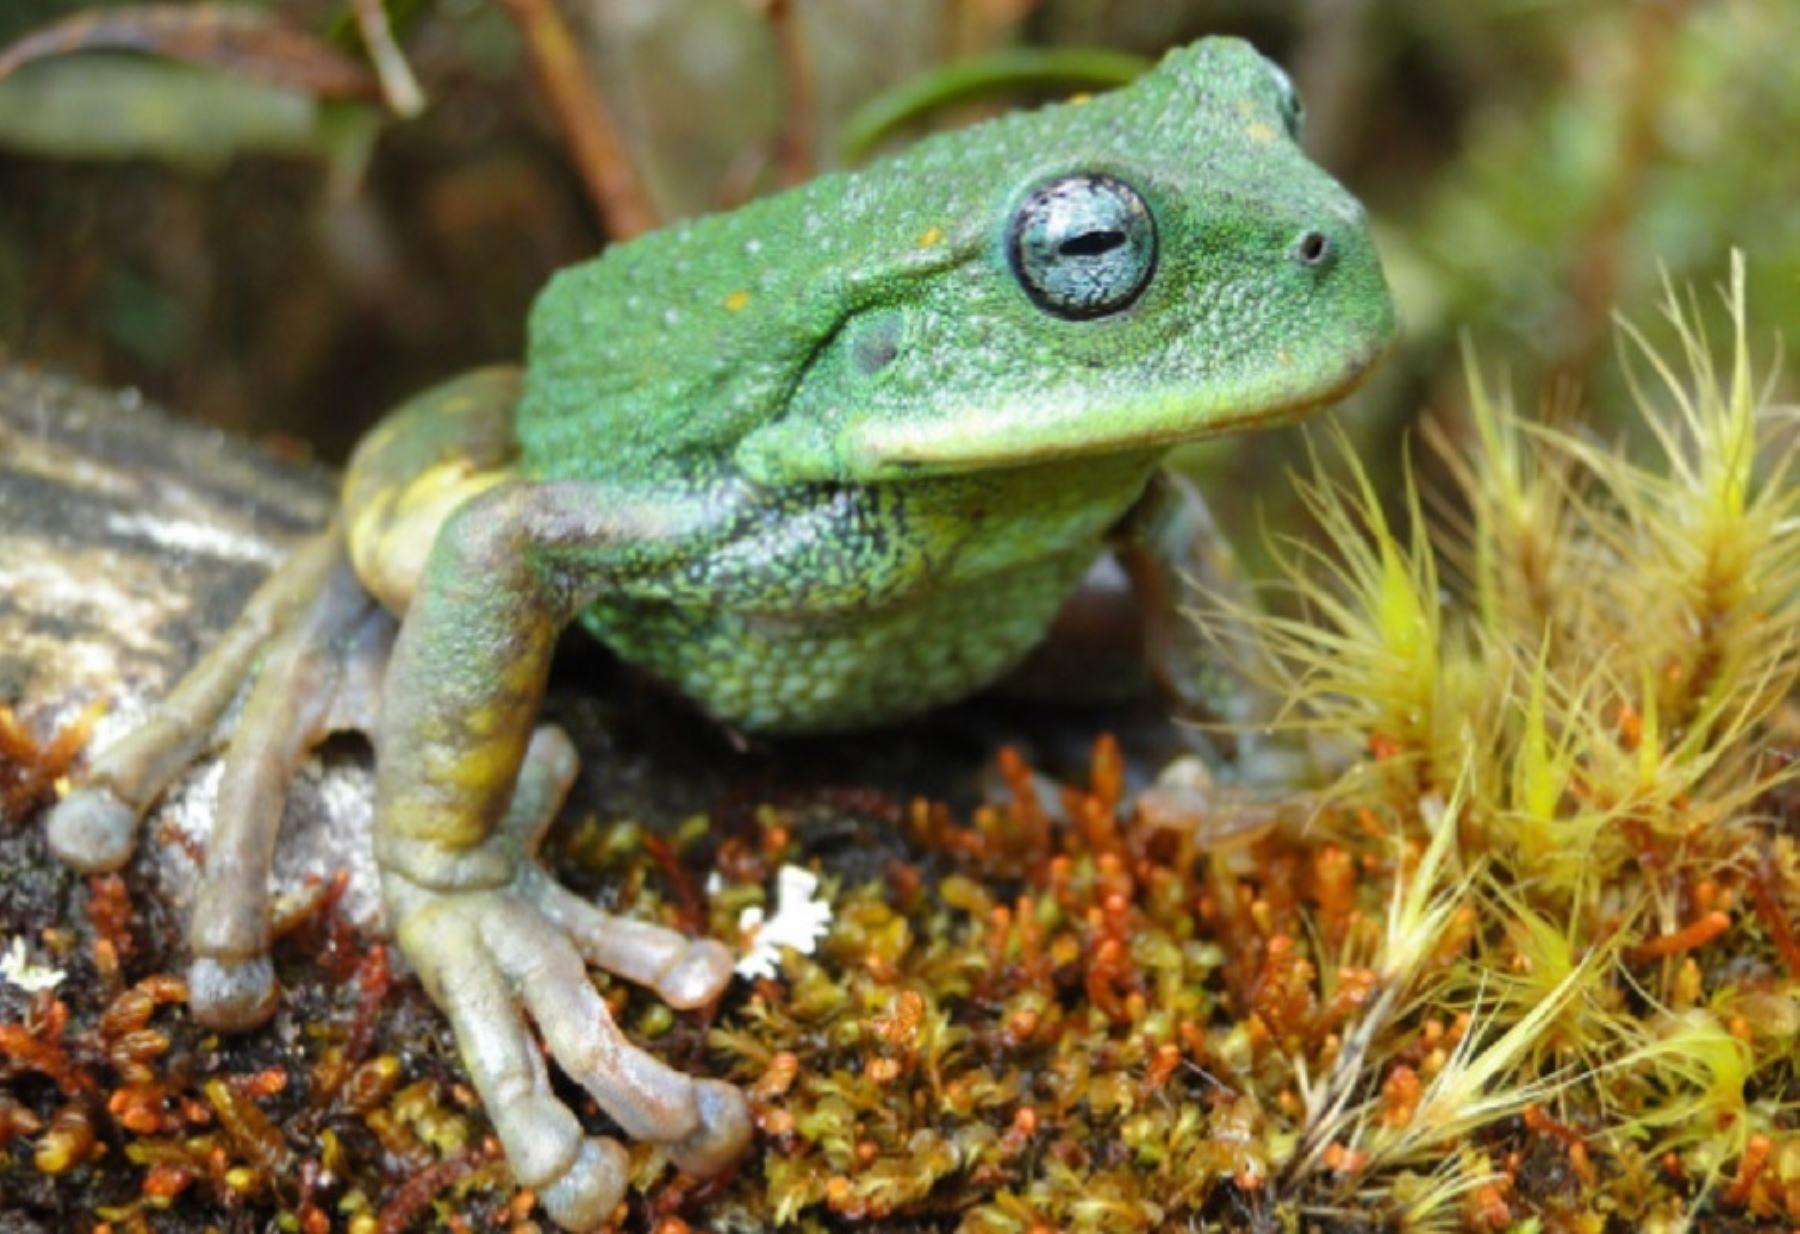 Gastrotheca gemma sp. nov. es una nueva especie de rana marsupial que ha sido registrada por primera vez en el Santuario Nacional Cordillera Colán, ubicada en la región Amazonas, hecho que es considerado como un importante hallazgo para la ciencia. Foto: Sernanp